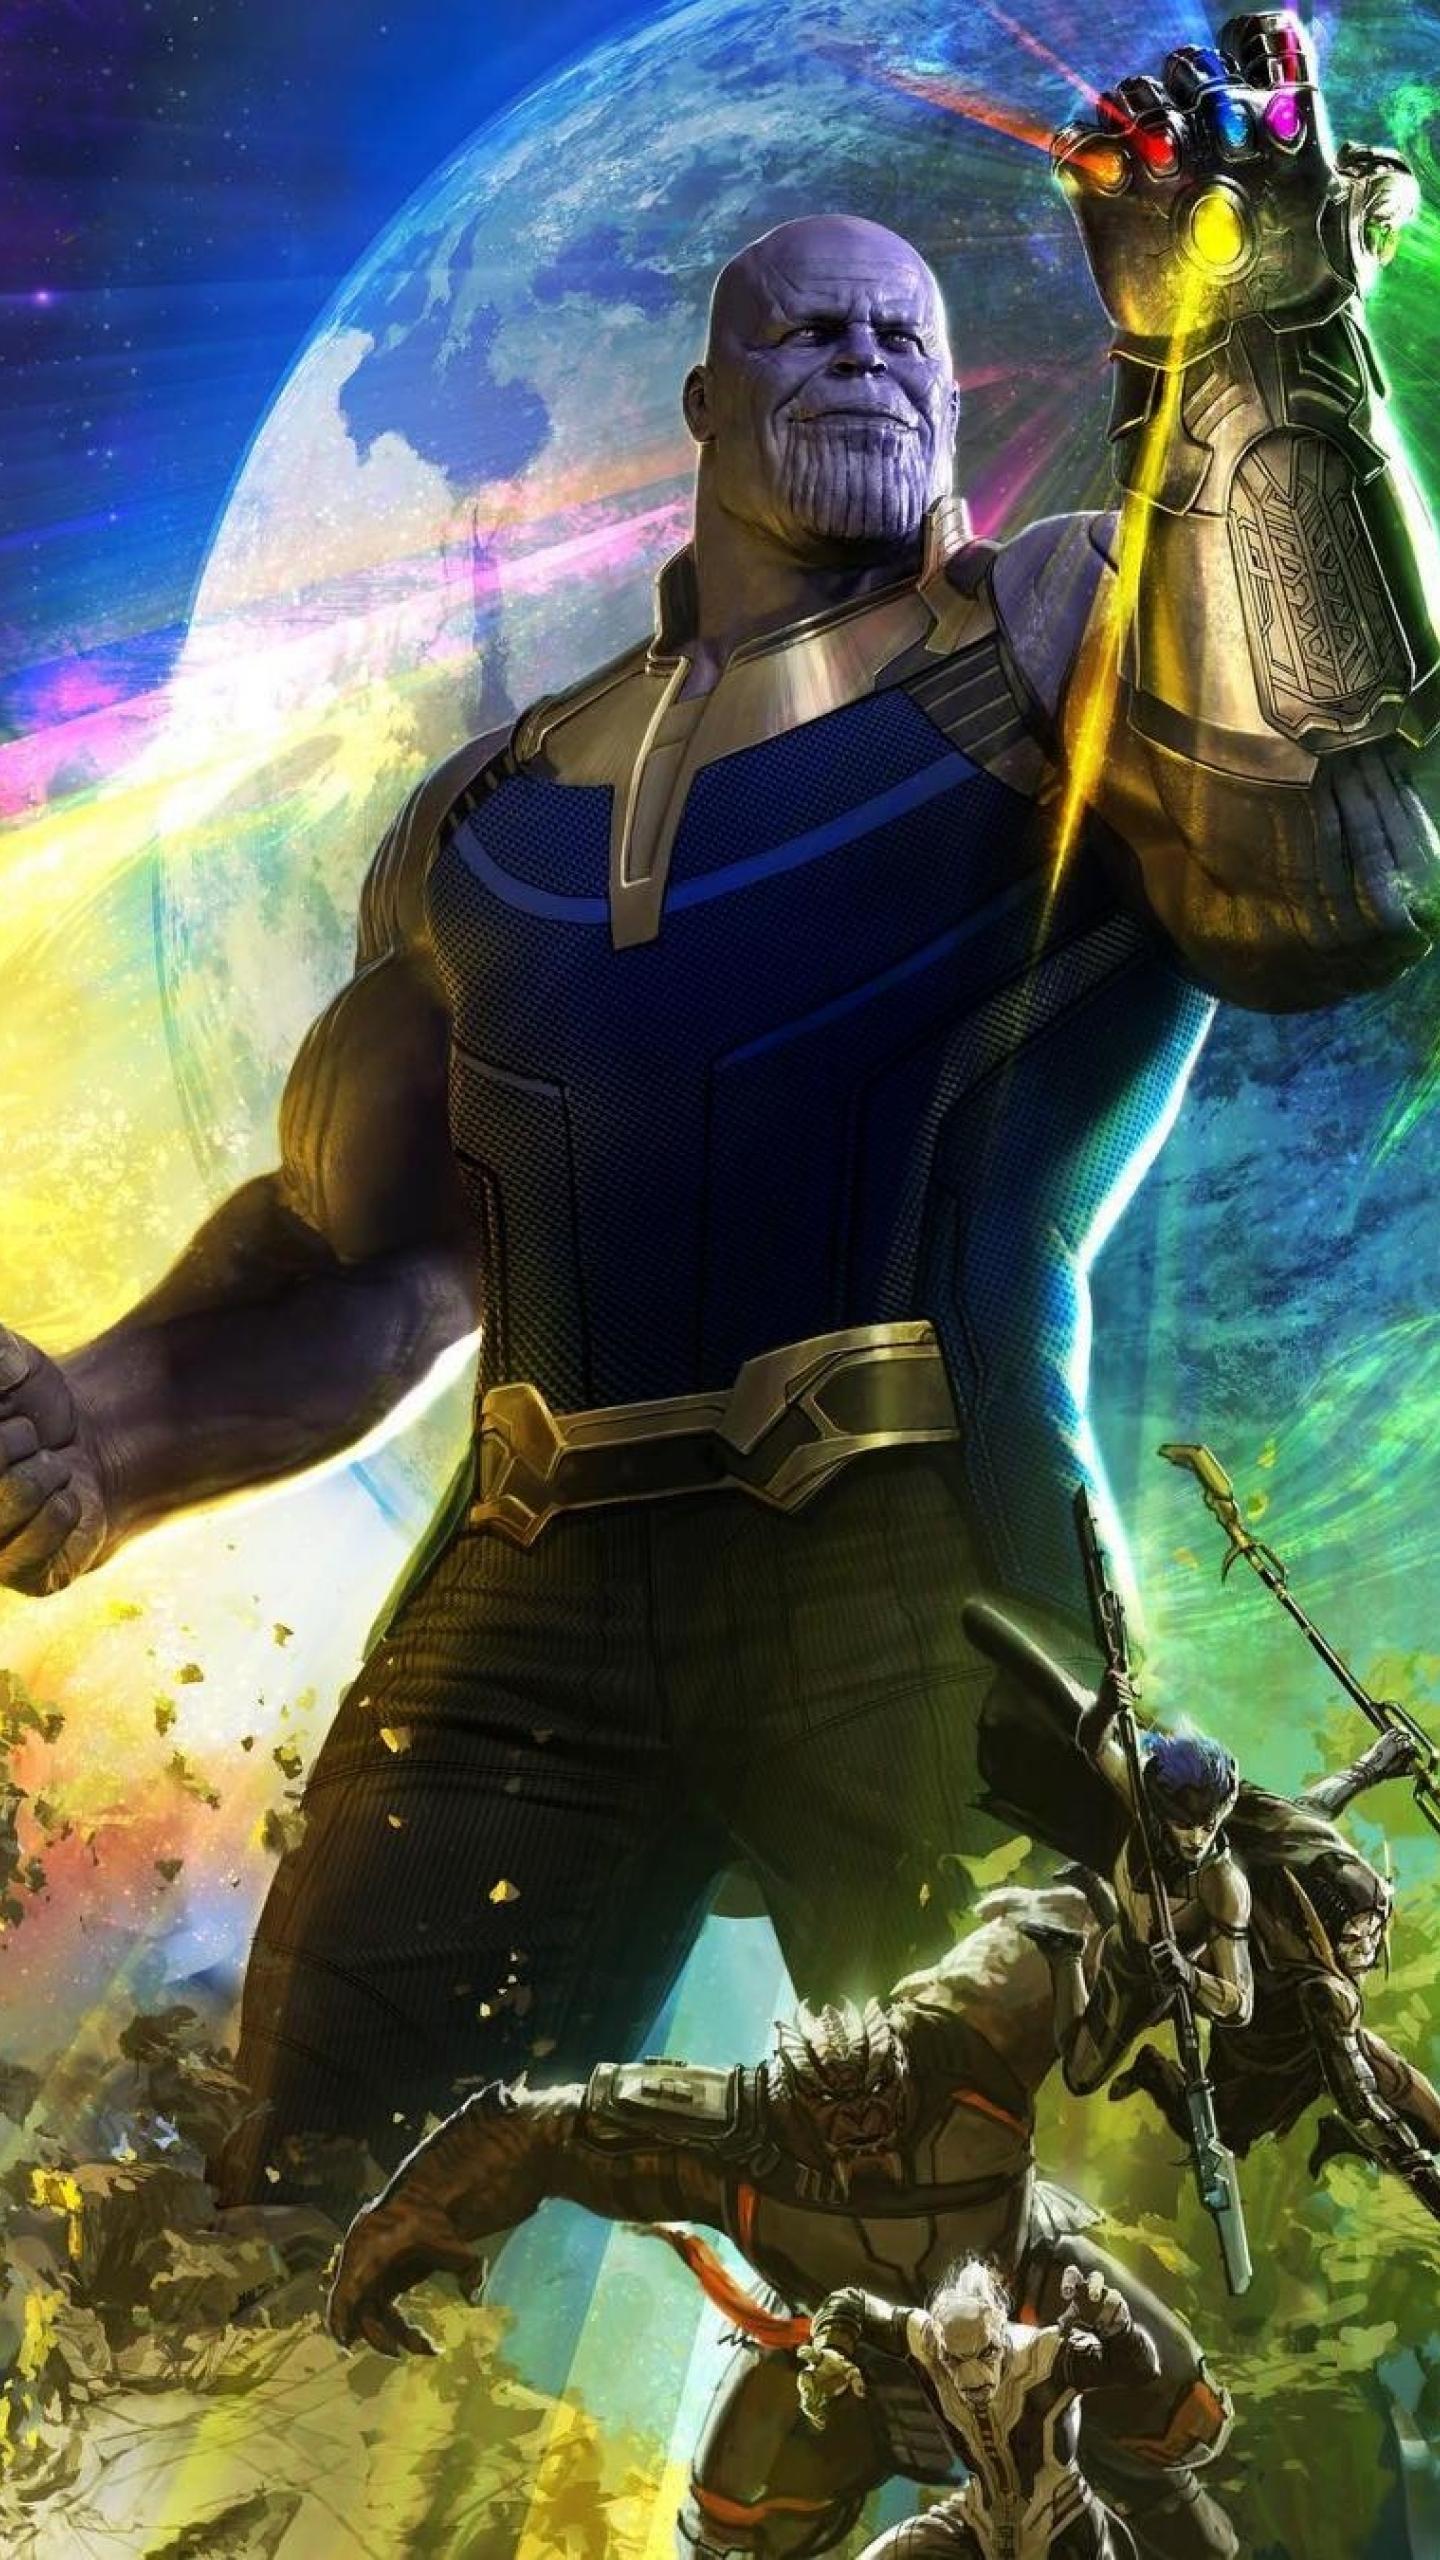 Popular Wallpaper Marvel Note 5 - avengers-infinity-war-2018_58002_1440x2560  Pic_662391.jpg